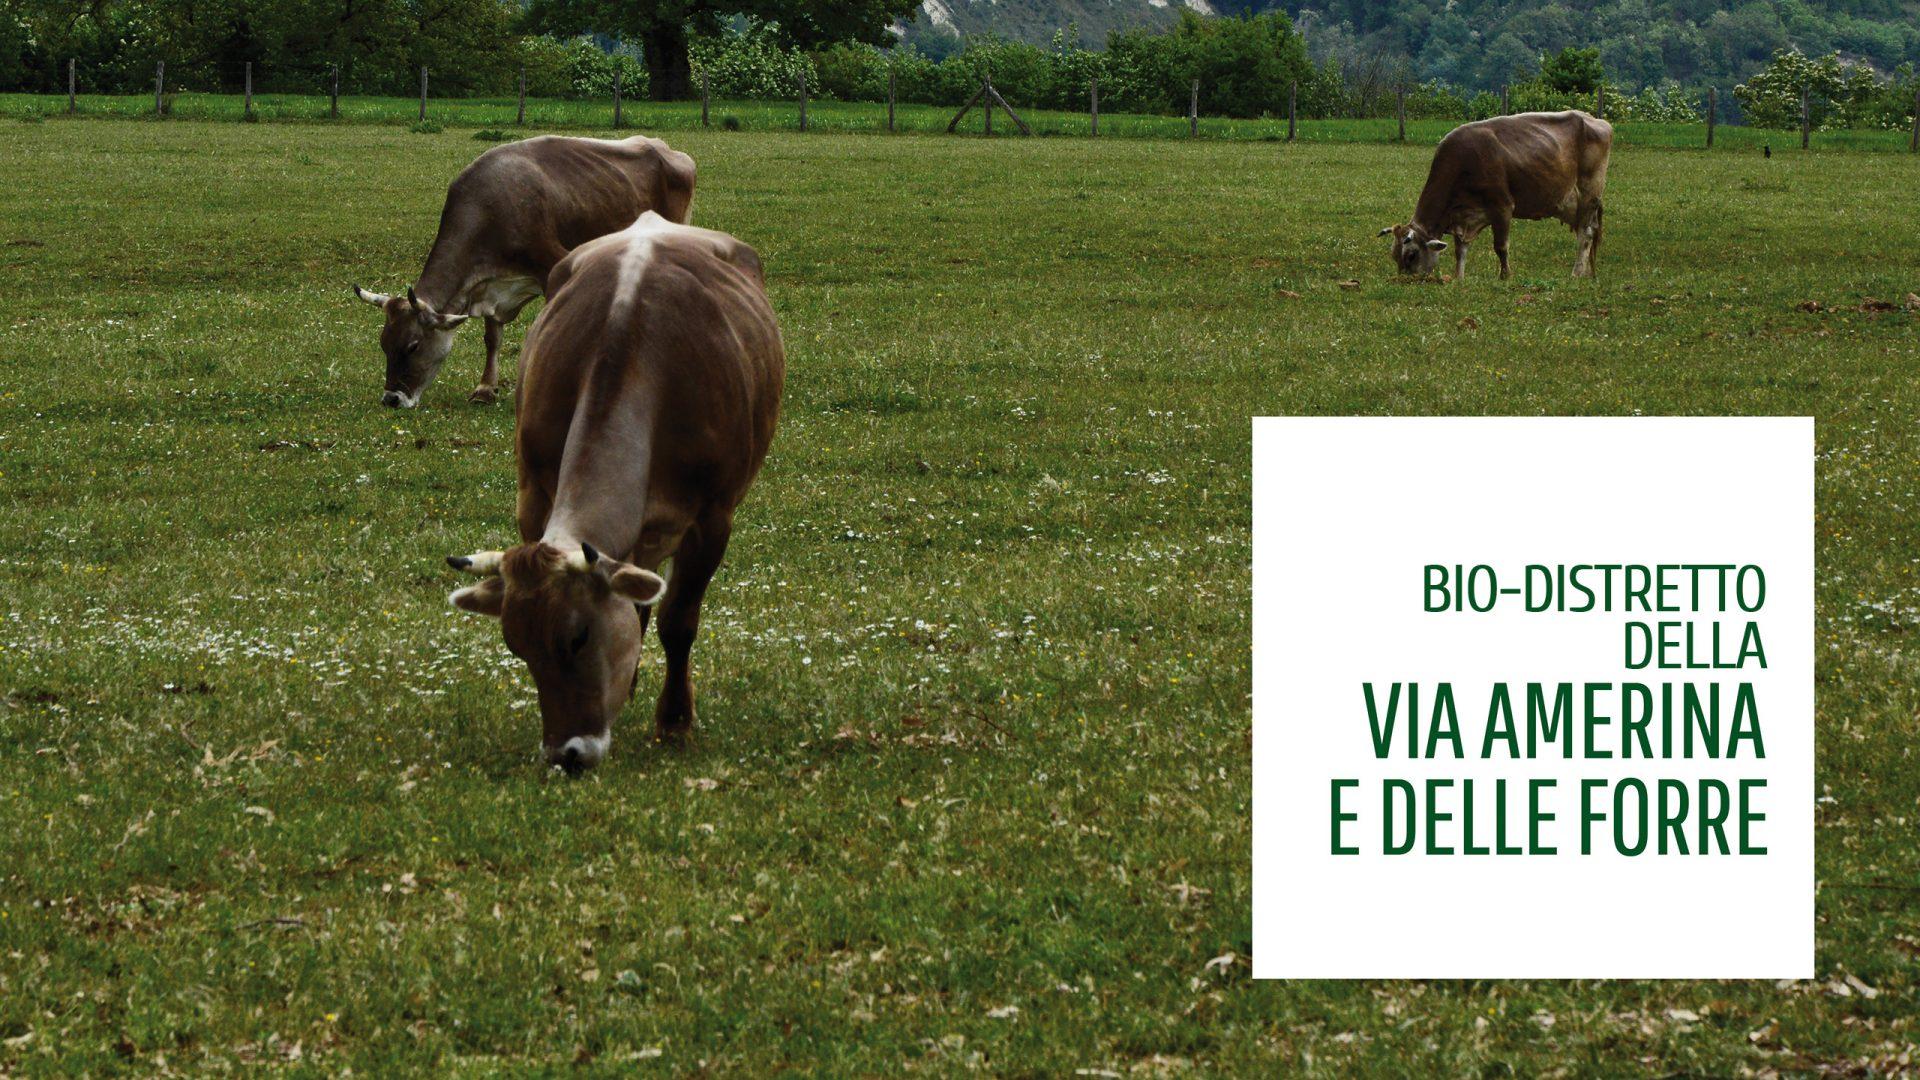 Approvata la legge della Regione Lazio sui biodistretti